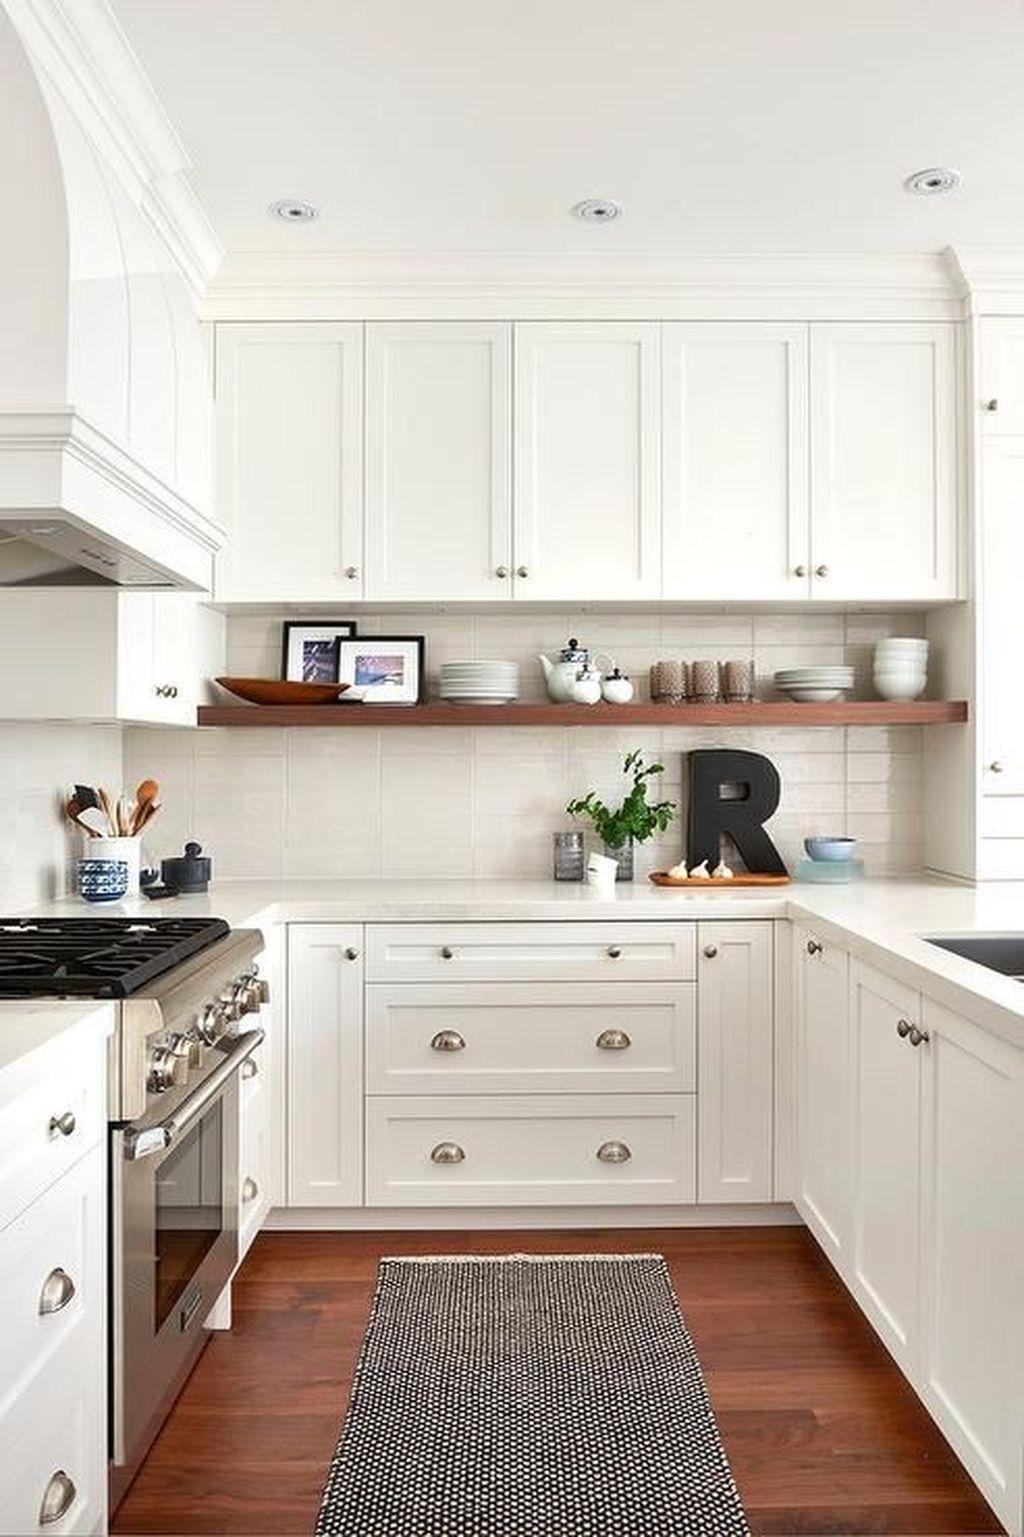 30 stylish u shaped kitchen remodel ideas in 2020 white shaker kitchen kitchen layout new on u kitchen ideas small id=27440